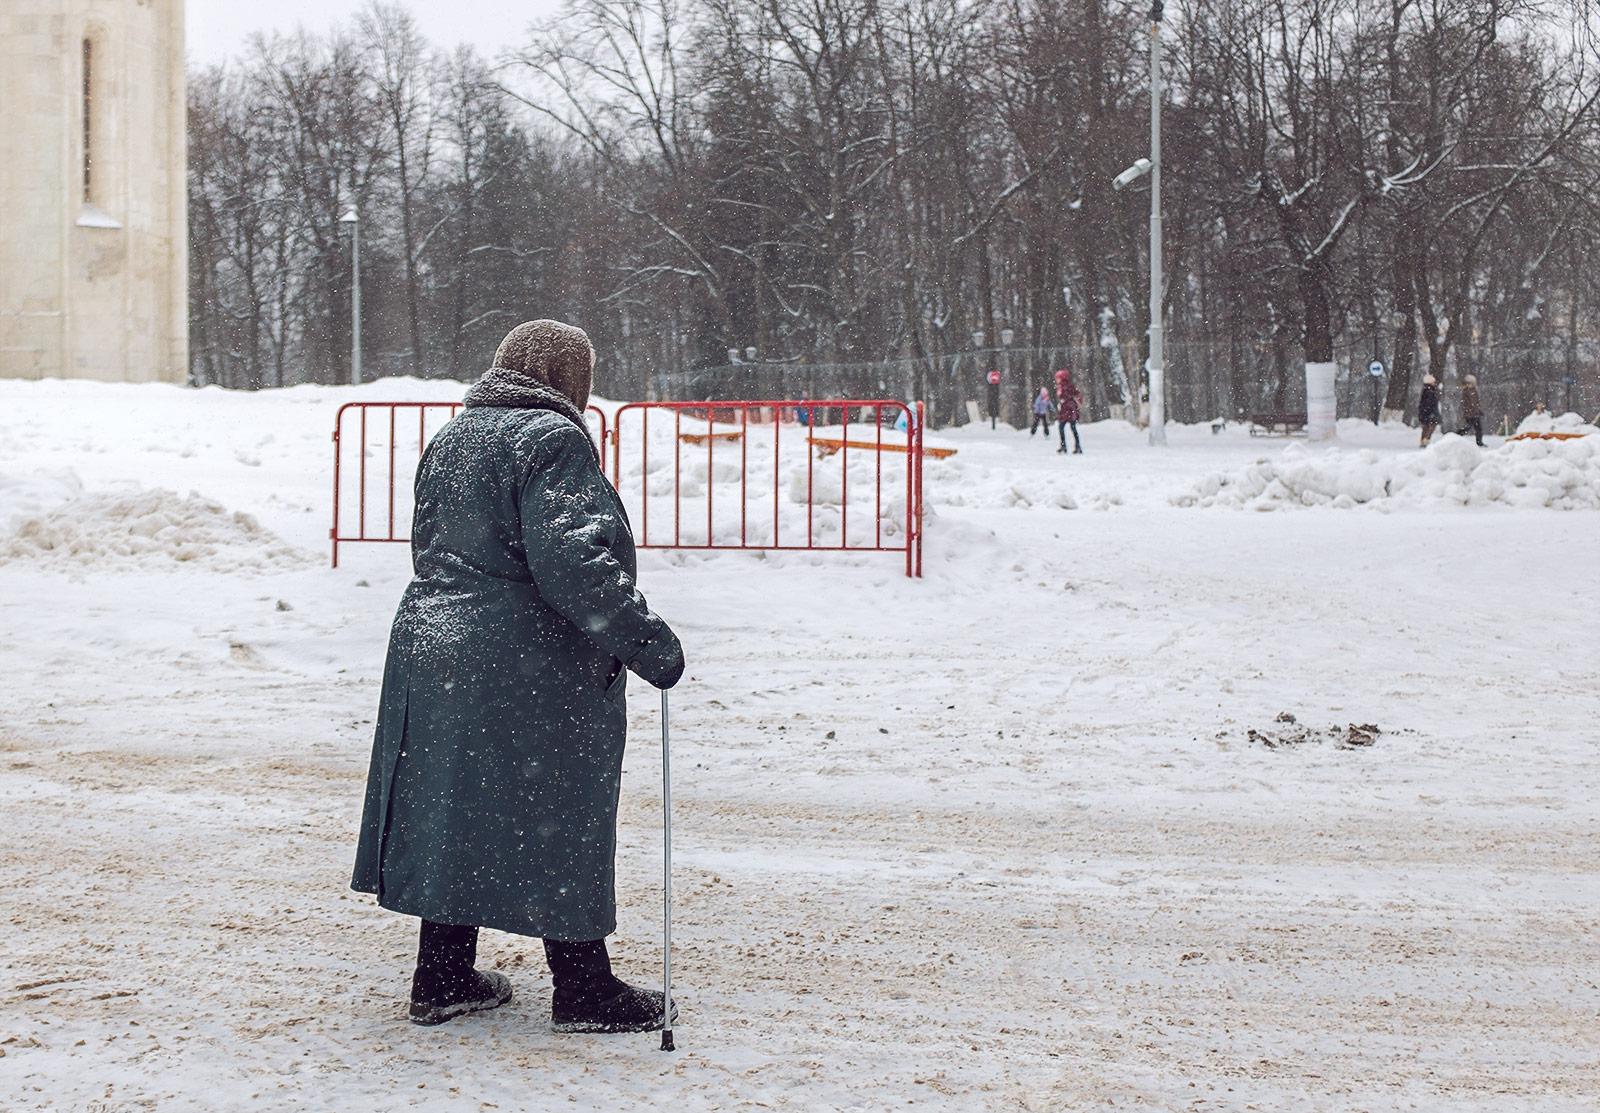 Тюменские автоинспекторы спасли замерзающую пенсионерку